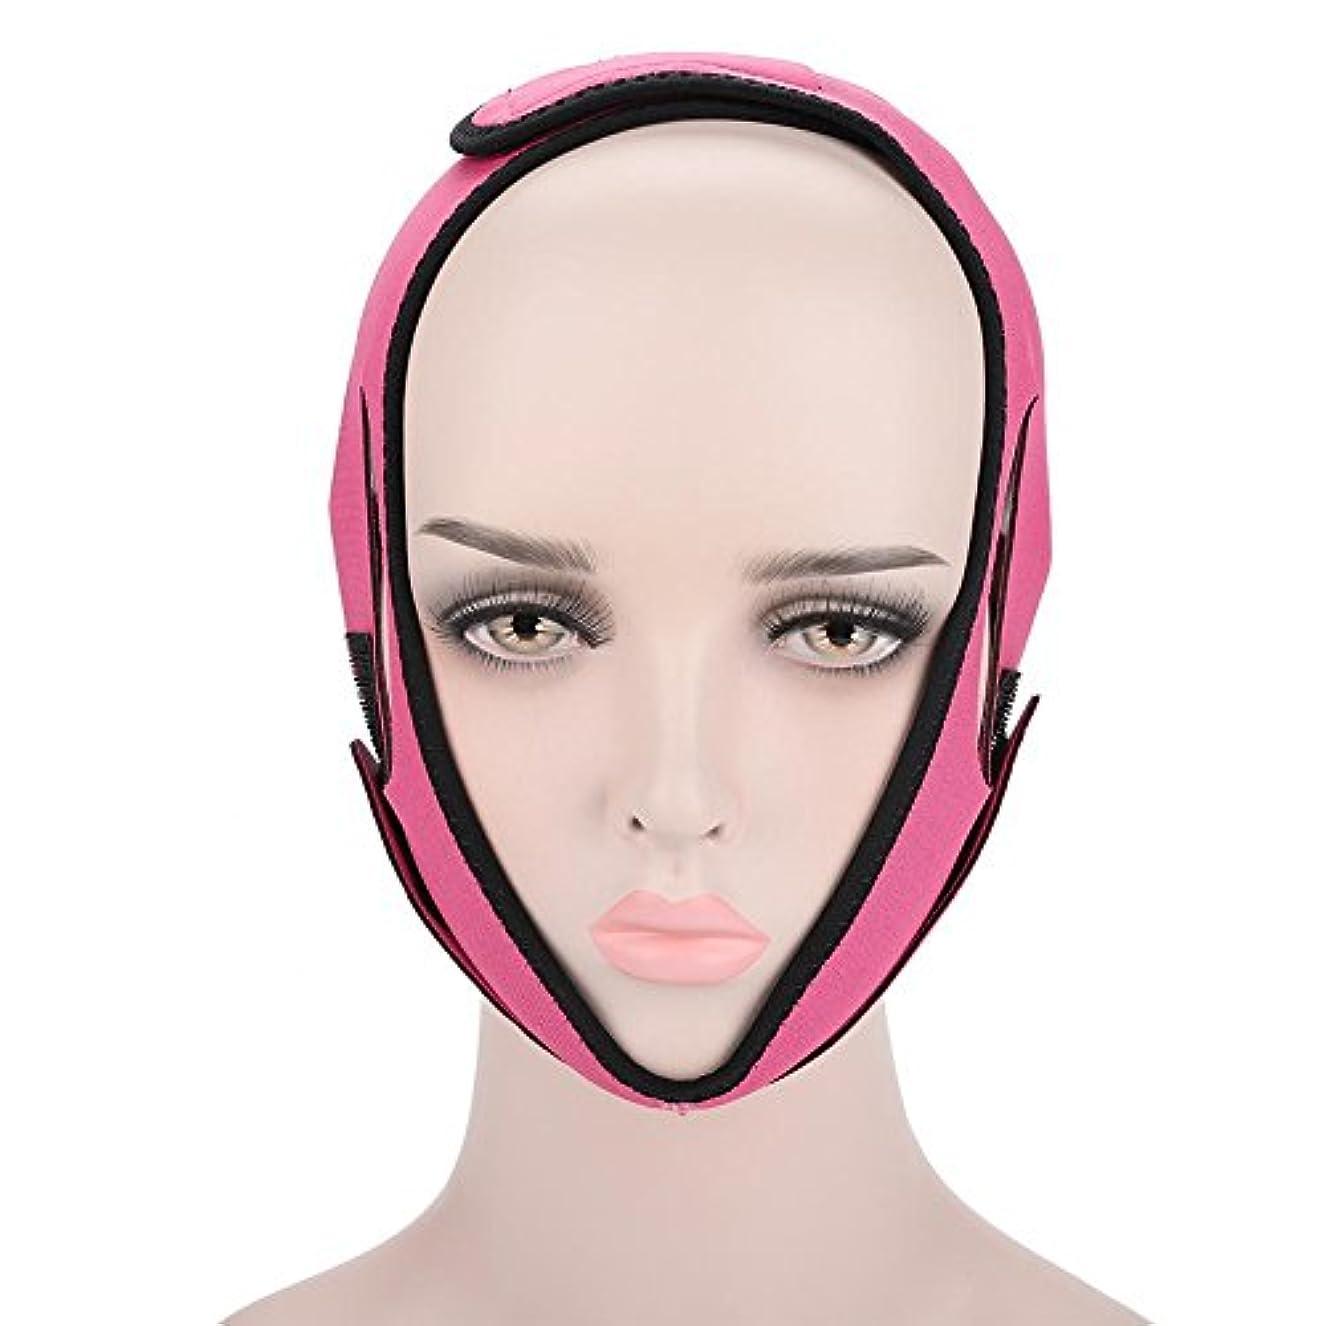 カカドゥ一元化する残酷なフェイススリミング包帯 顔の包帯フェイシャルスリミングマスクフェイシャルケアのためのフェイシャルベルト薄い首のフェイスリフトダブルチン女性のための(3#)